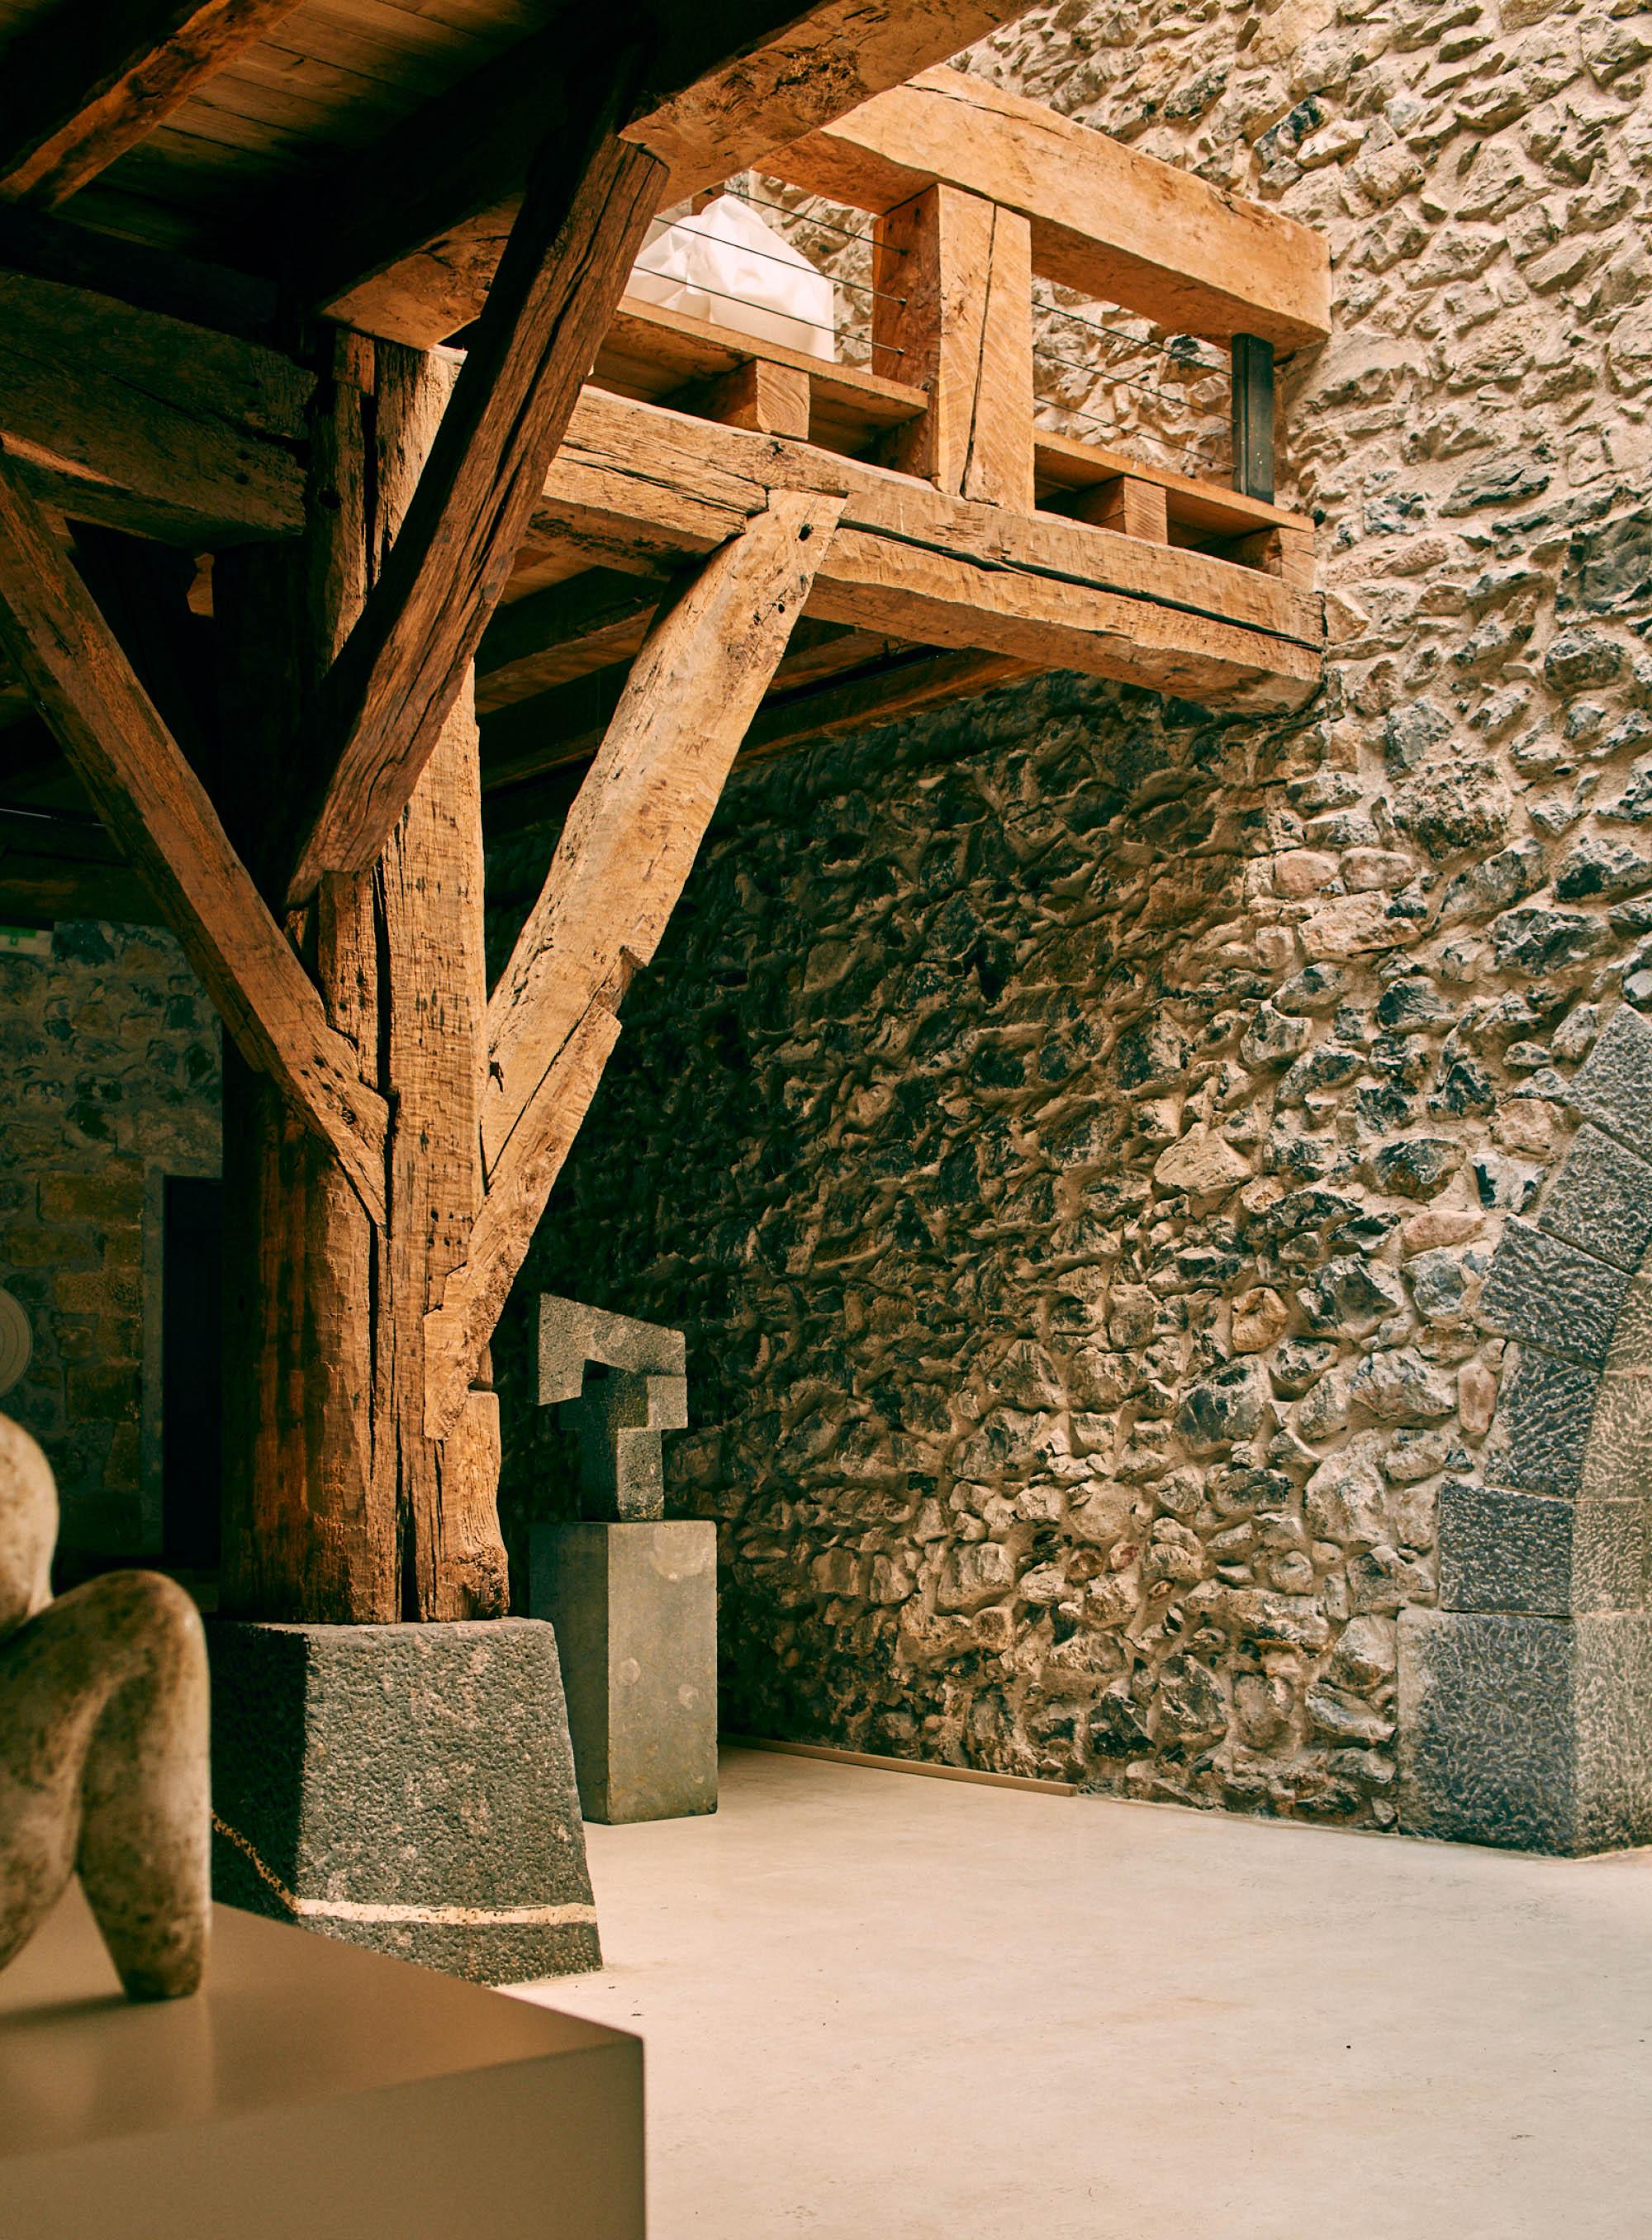 luis_laplace-Chillida_Museum-3